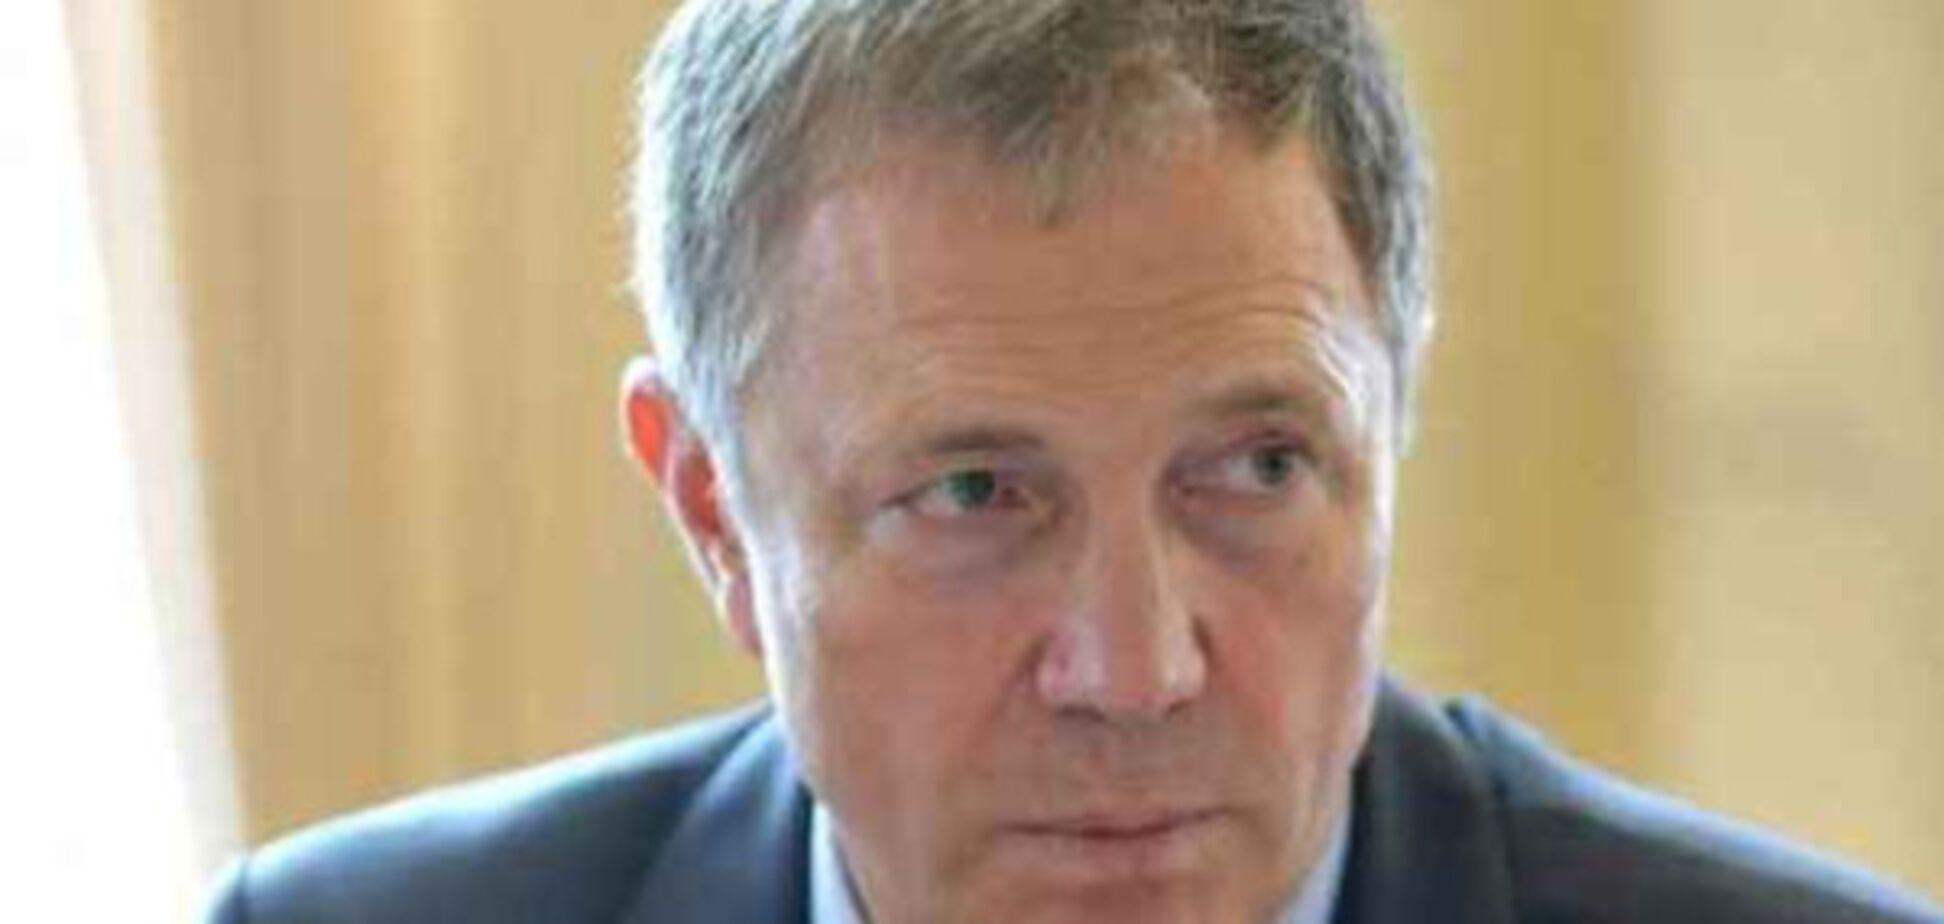 МВД: похититель Сальдо объявлен в розыск